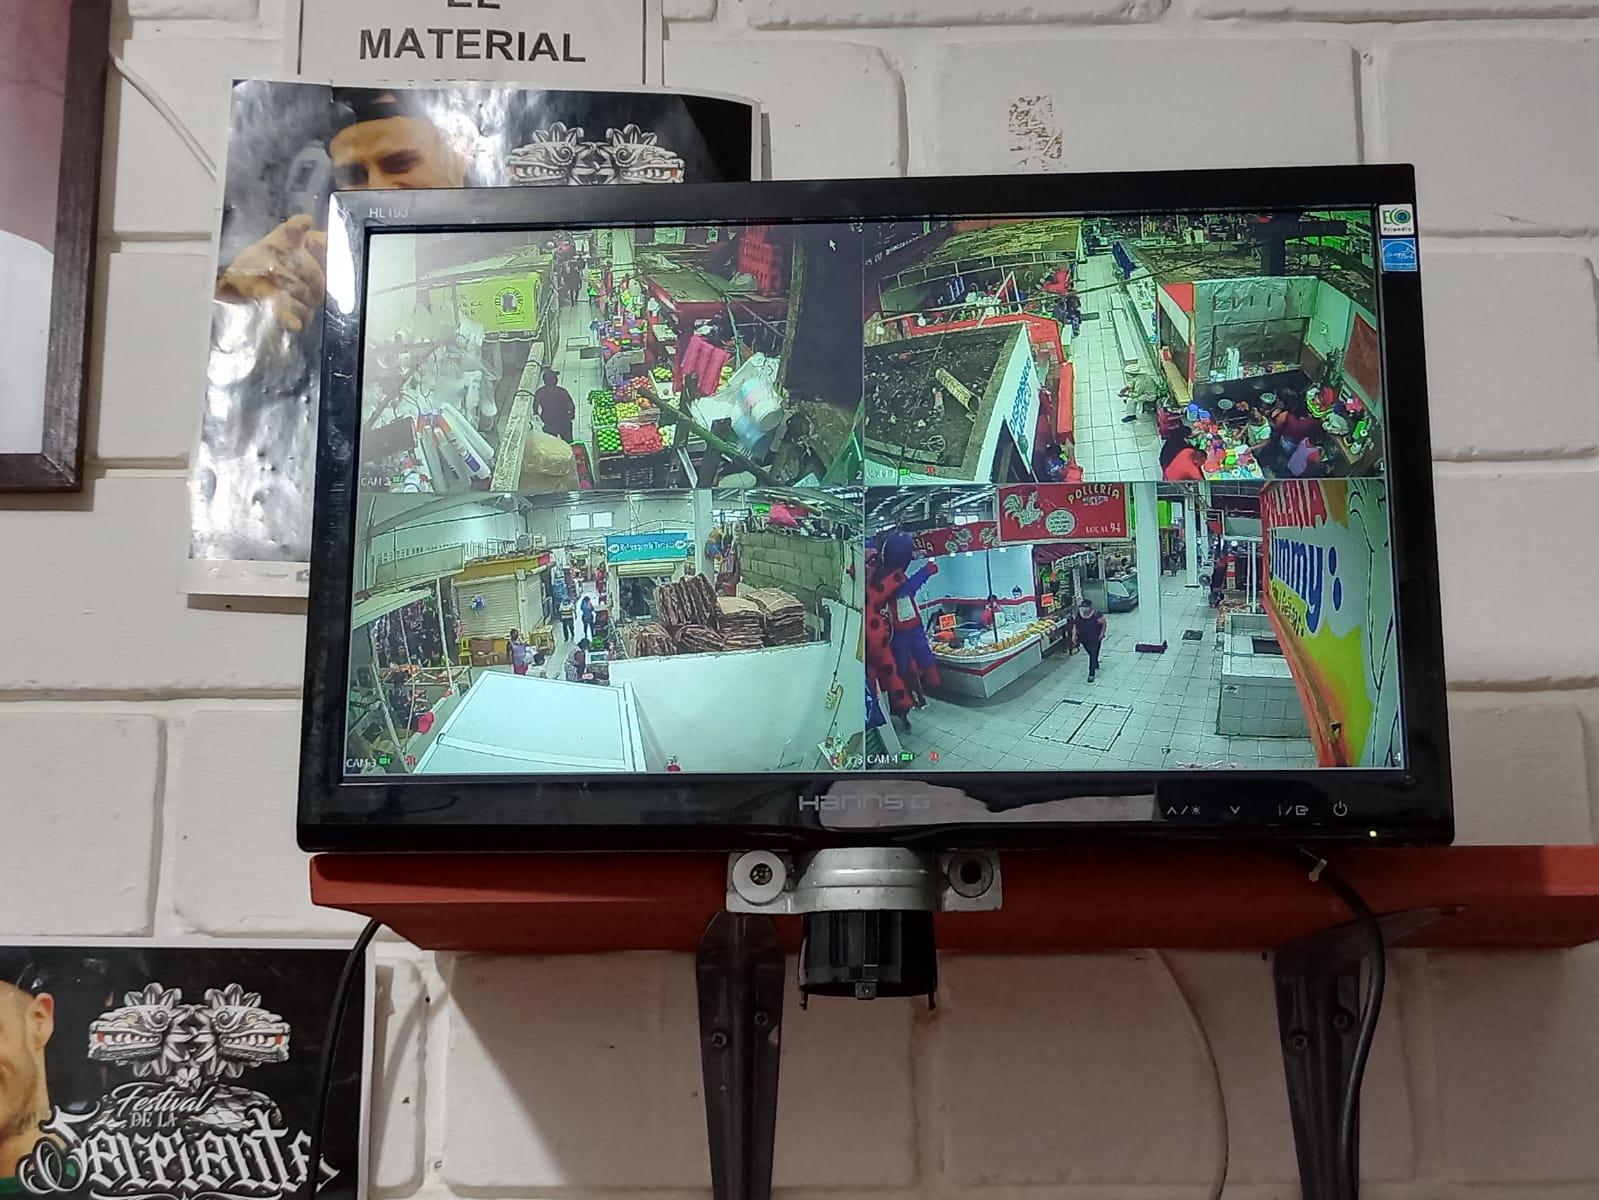 Instalaron cámaras de videovigilancia en el mercado Morelos de Coatzacoalcos